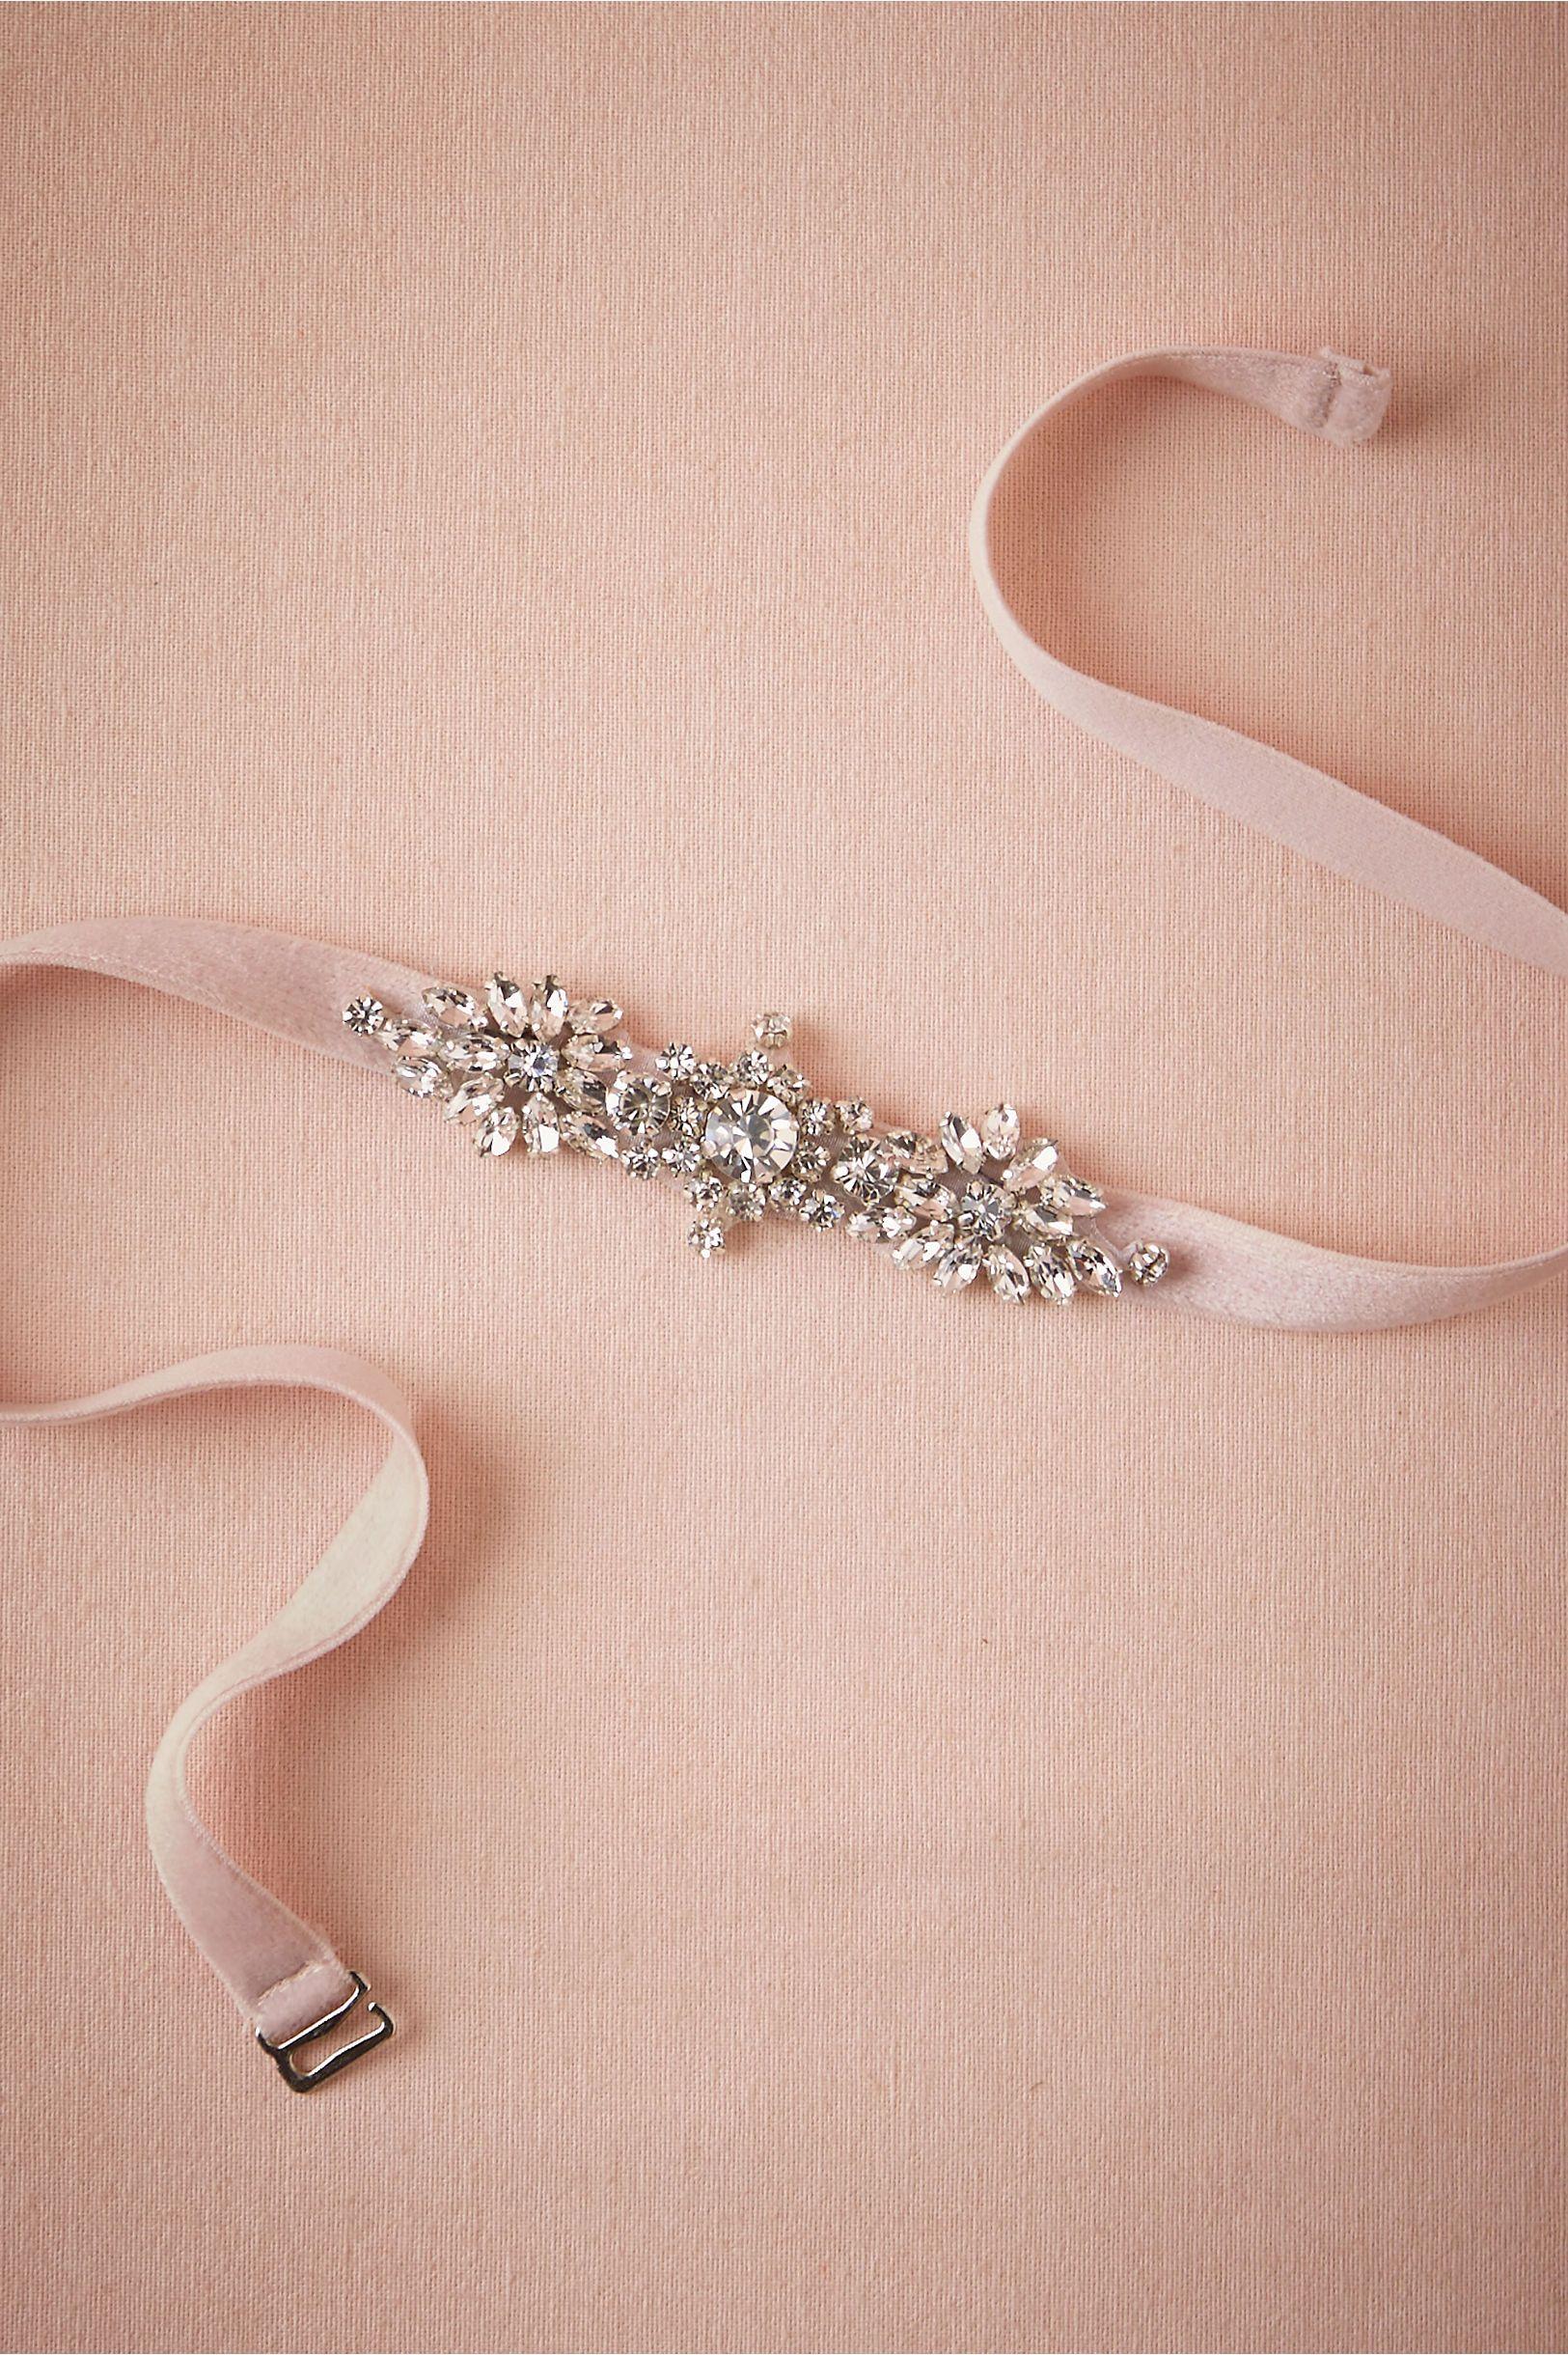 Pin by BHLDN Weddings on Blush Wedding Ideas | Pinterest | Wedding ...